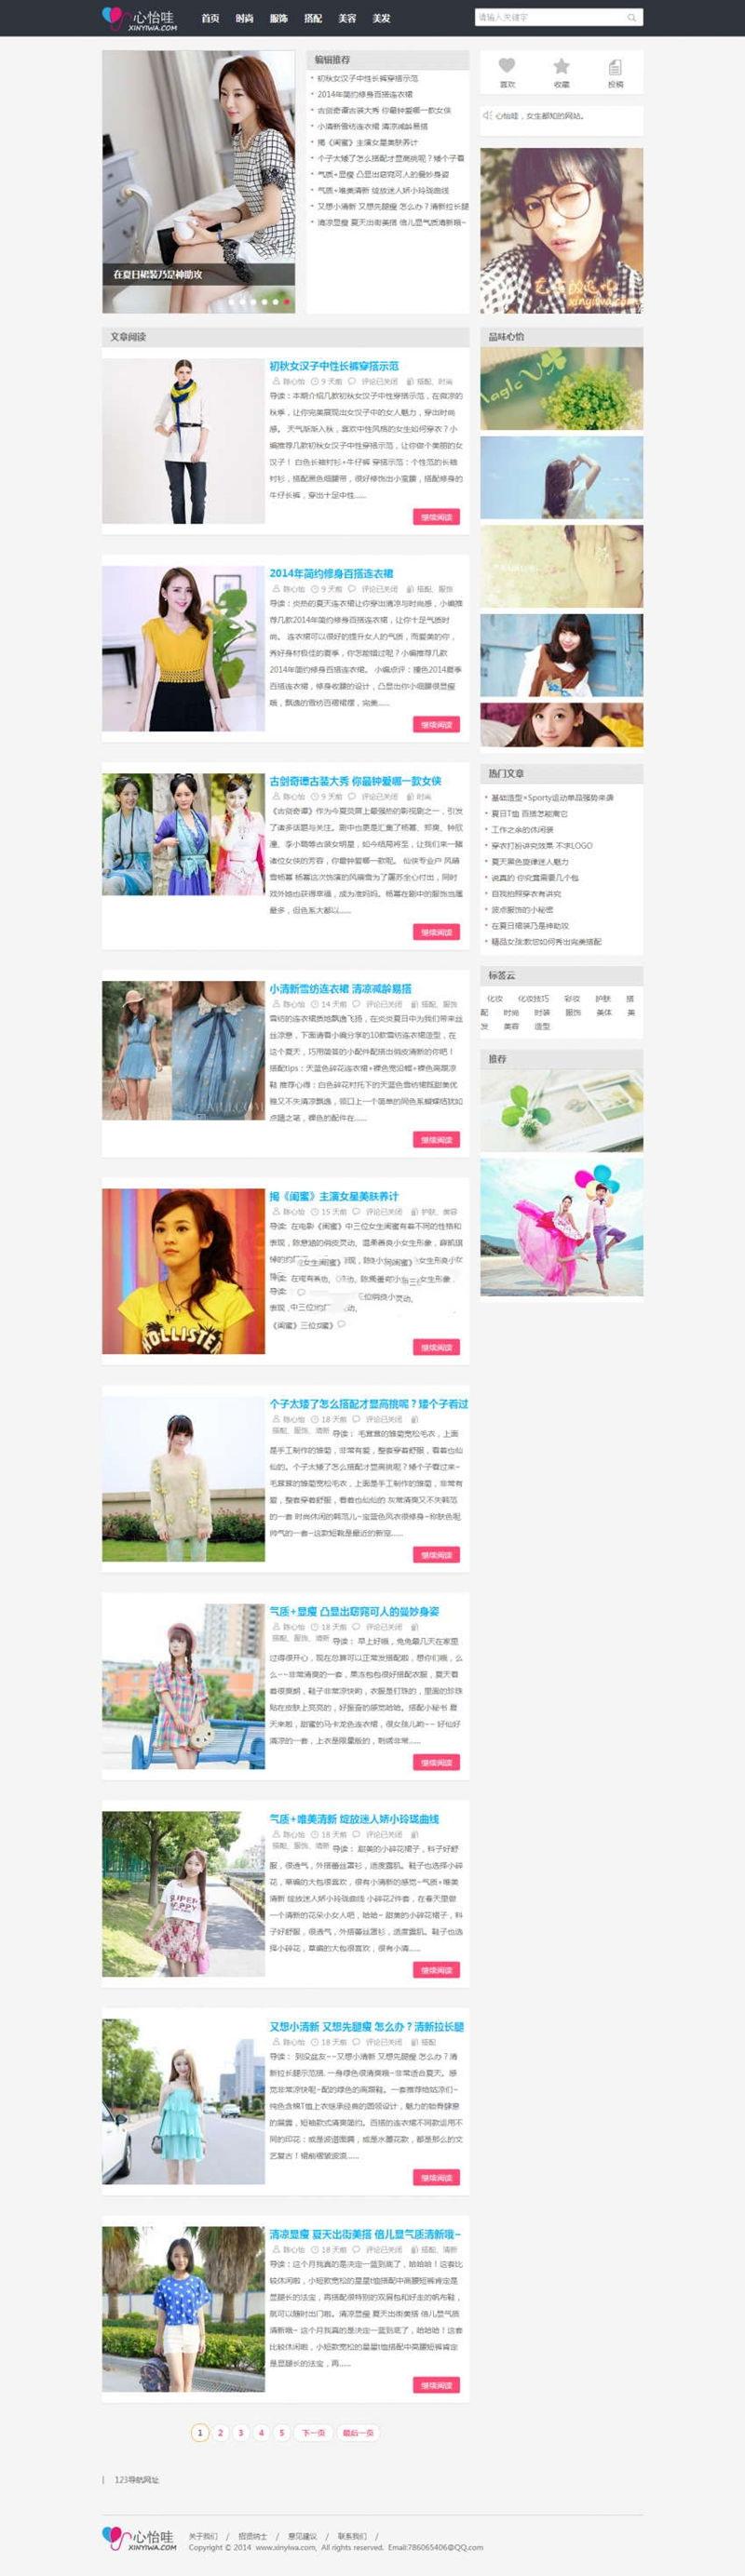 心怡哇1.0.版本一个女生的网站xinyiwa模板 ,WordPress主题1.0女性资讯模板主题插图